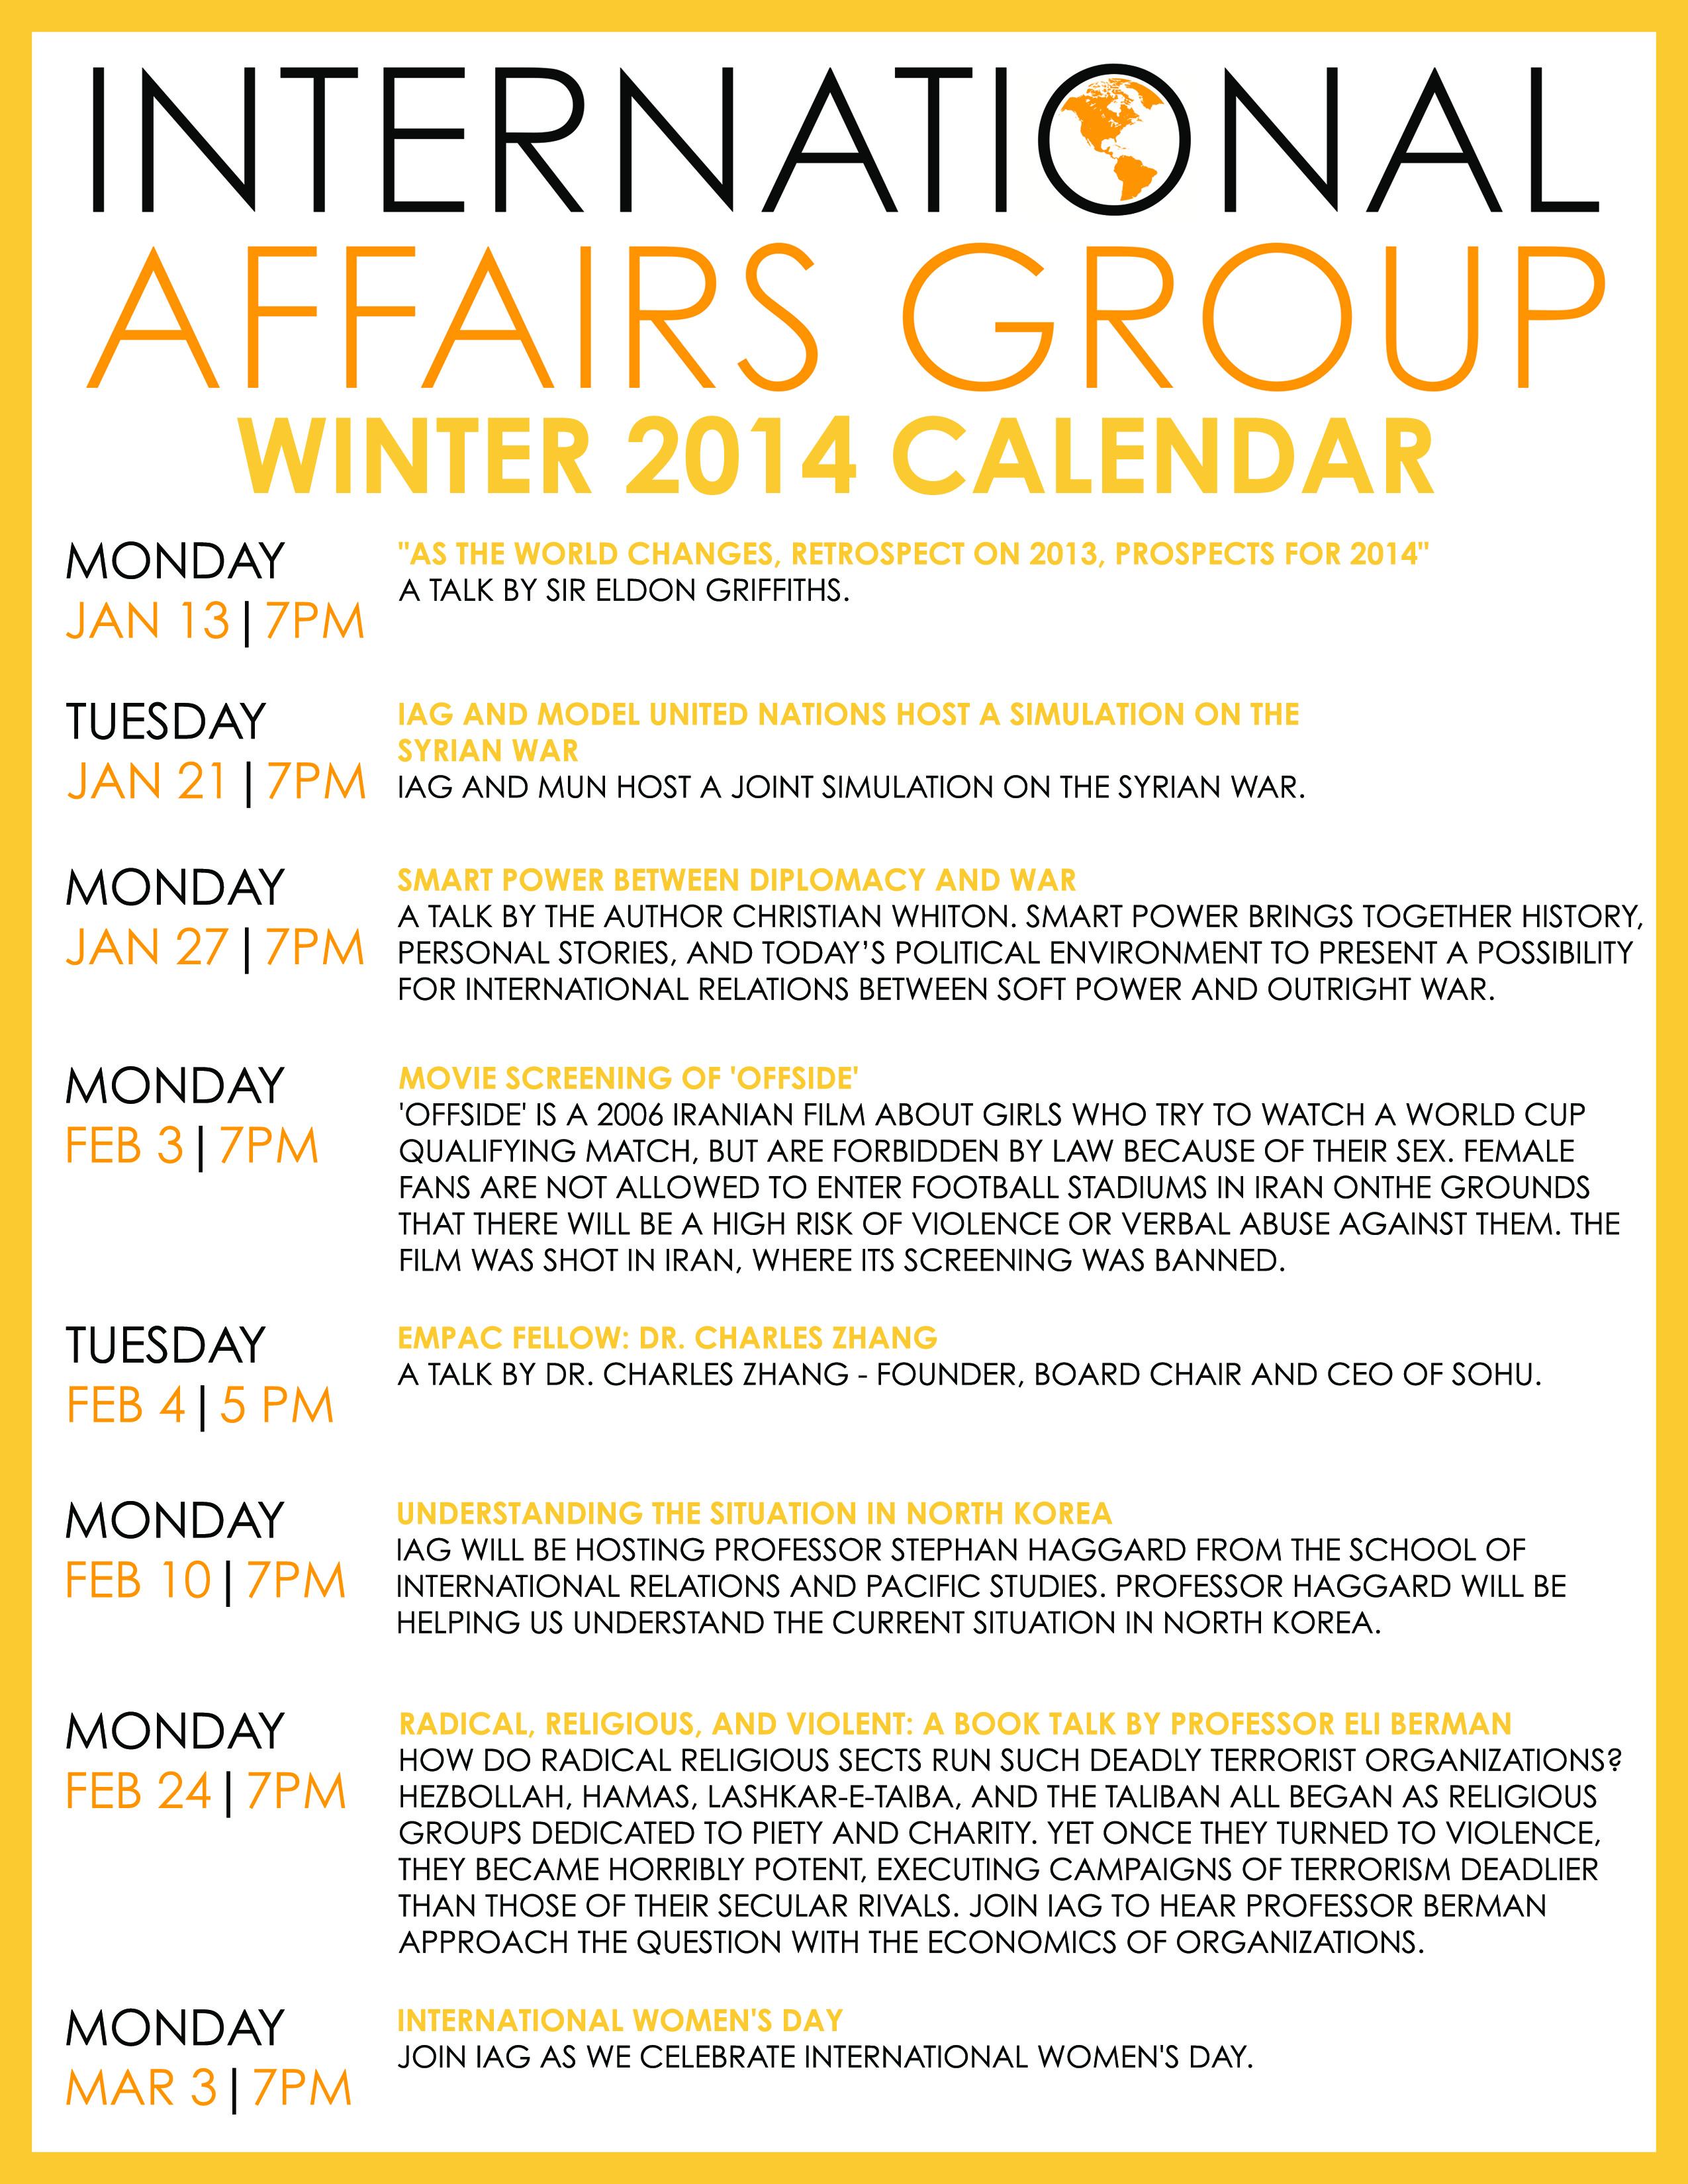 international affairs group iag winter 2014 calendar